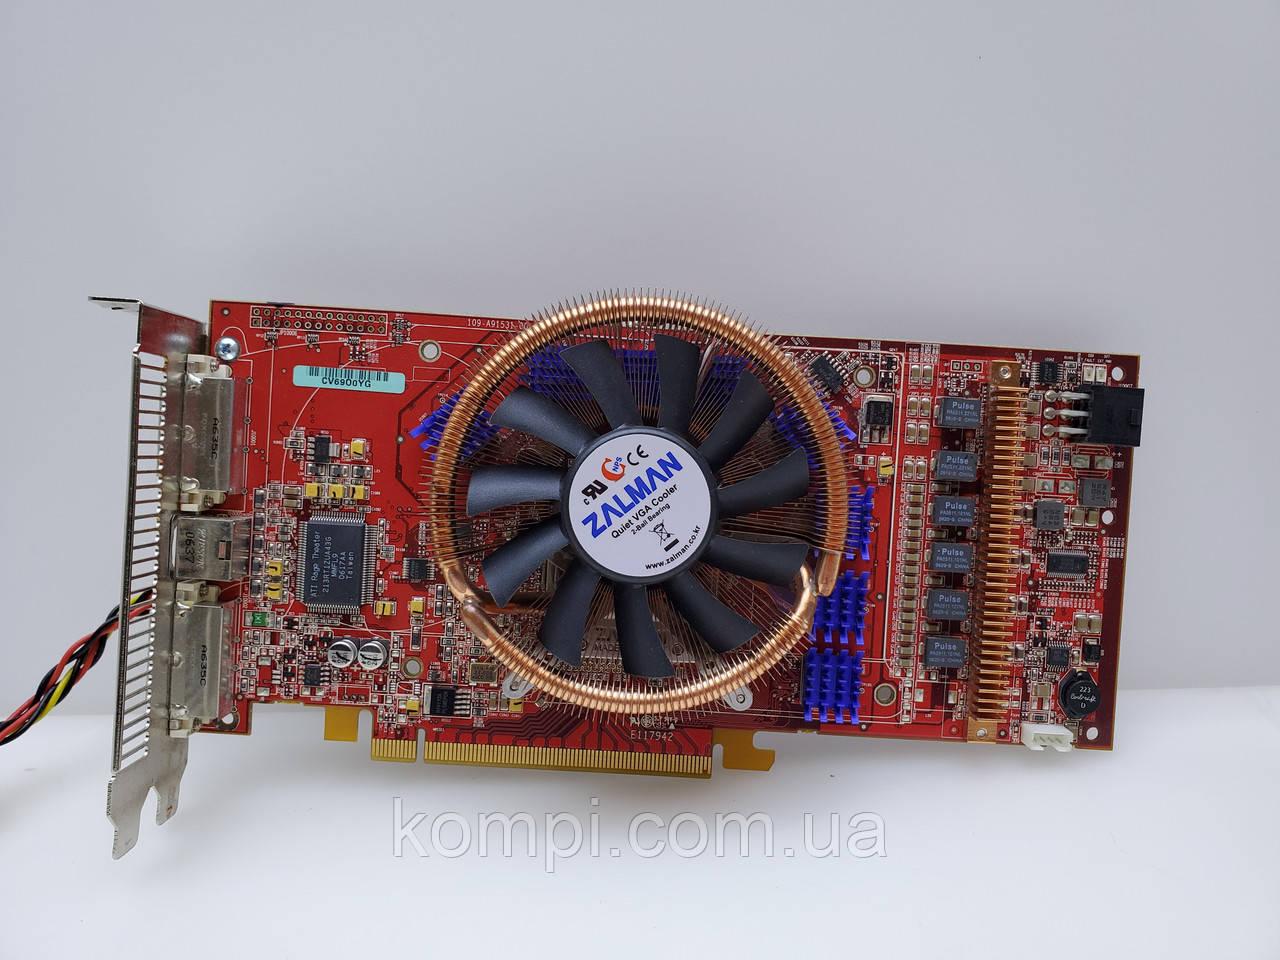 Видеокарта ATI RADEON X1950 XTX 512MB / 256 BIT PCI-E